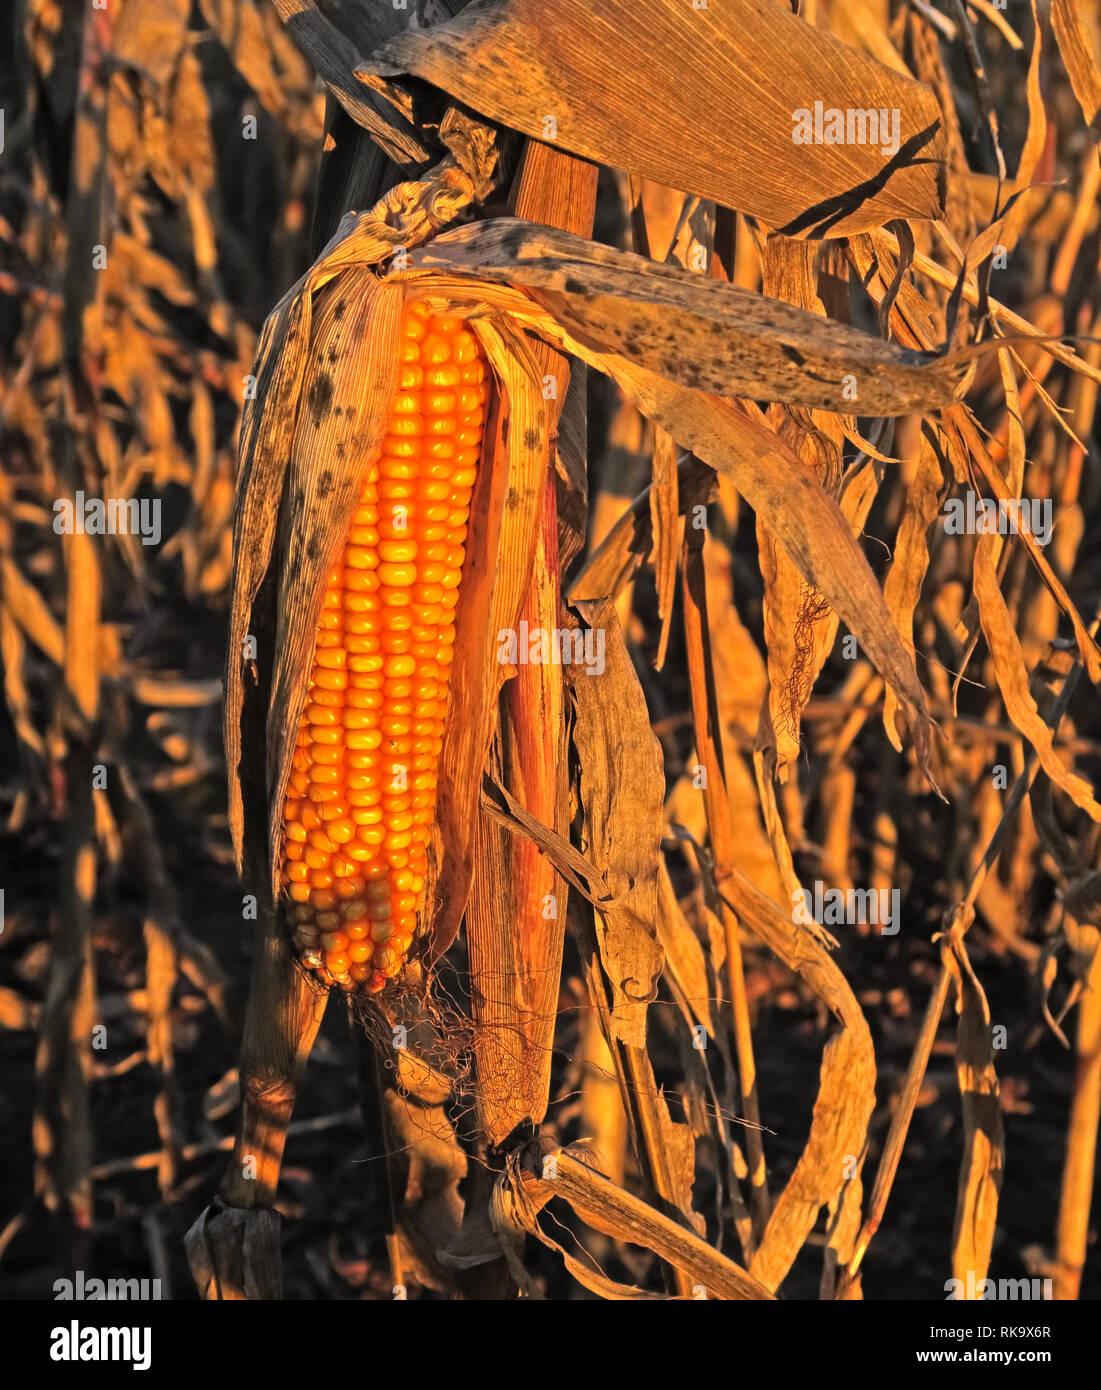 Laden Sie dieses Alamy Stockfoto Mais verrotten in einem Feld, die wegen Mangel an Arbeitern und gering bezahlte Arbeitnehmer - RK9X6R